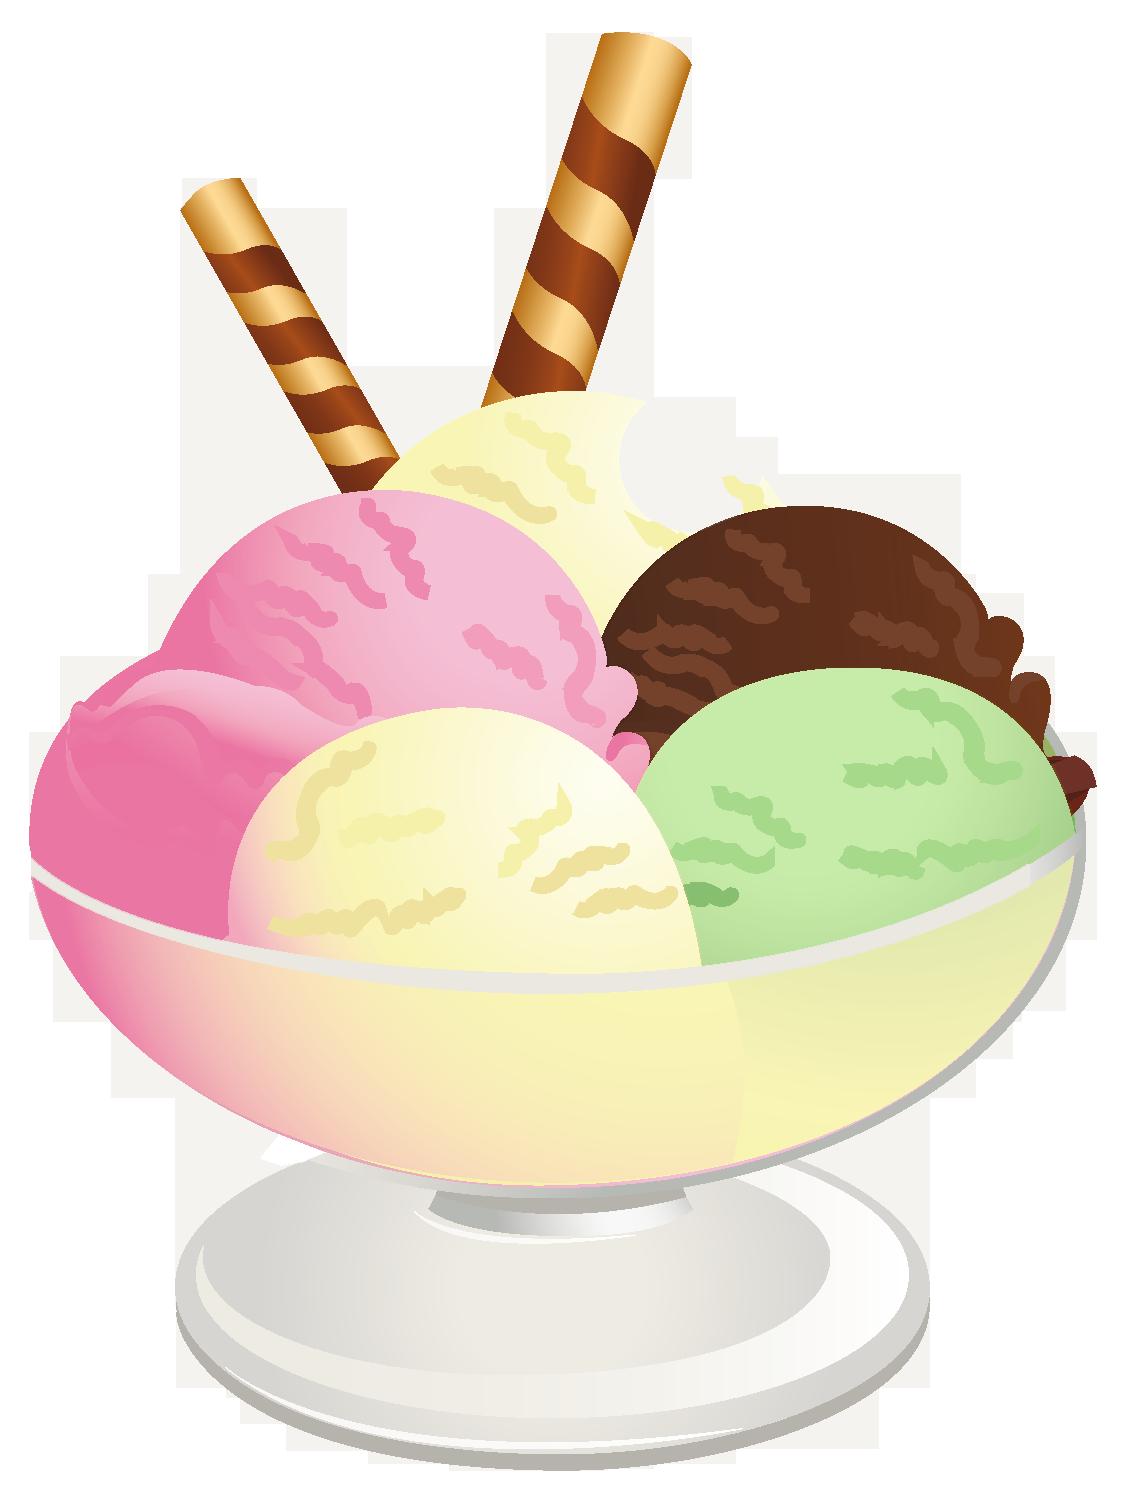 1123x1504 Clipart Ice Cream Sundae Amp Ice Cream Sundae Clip Art Images